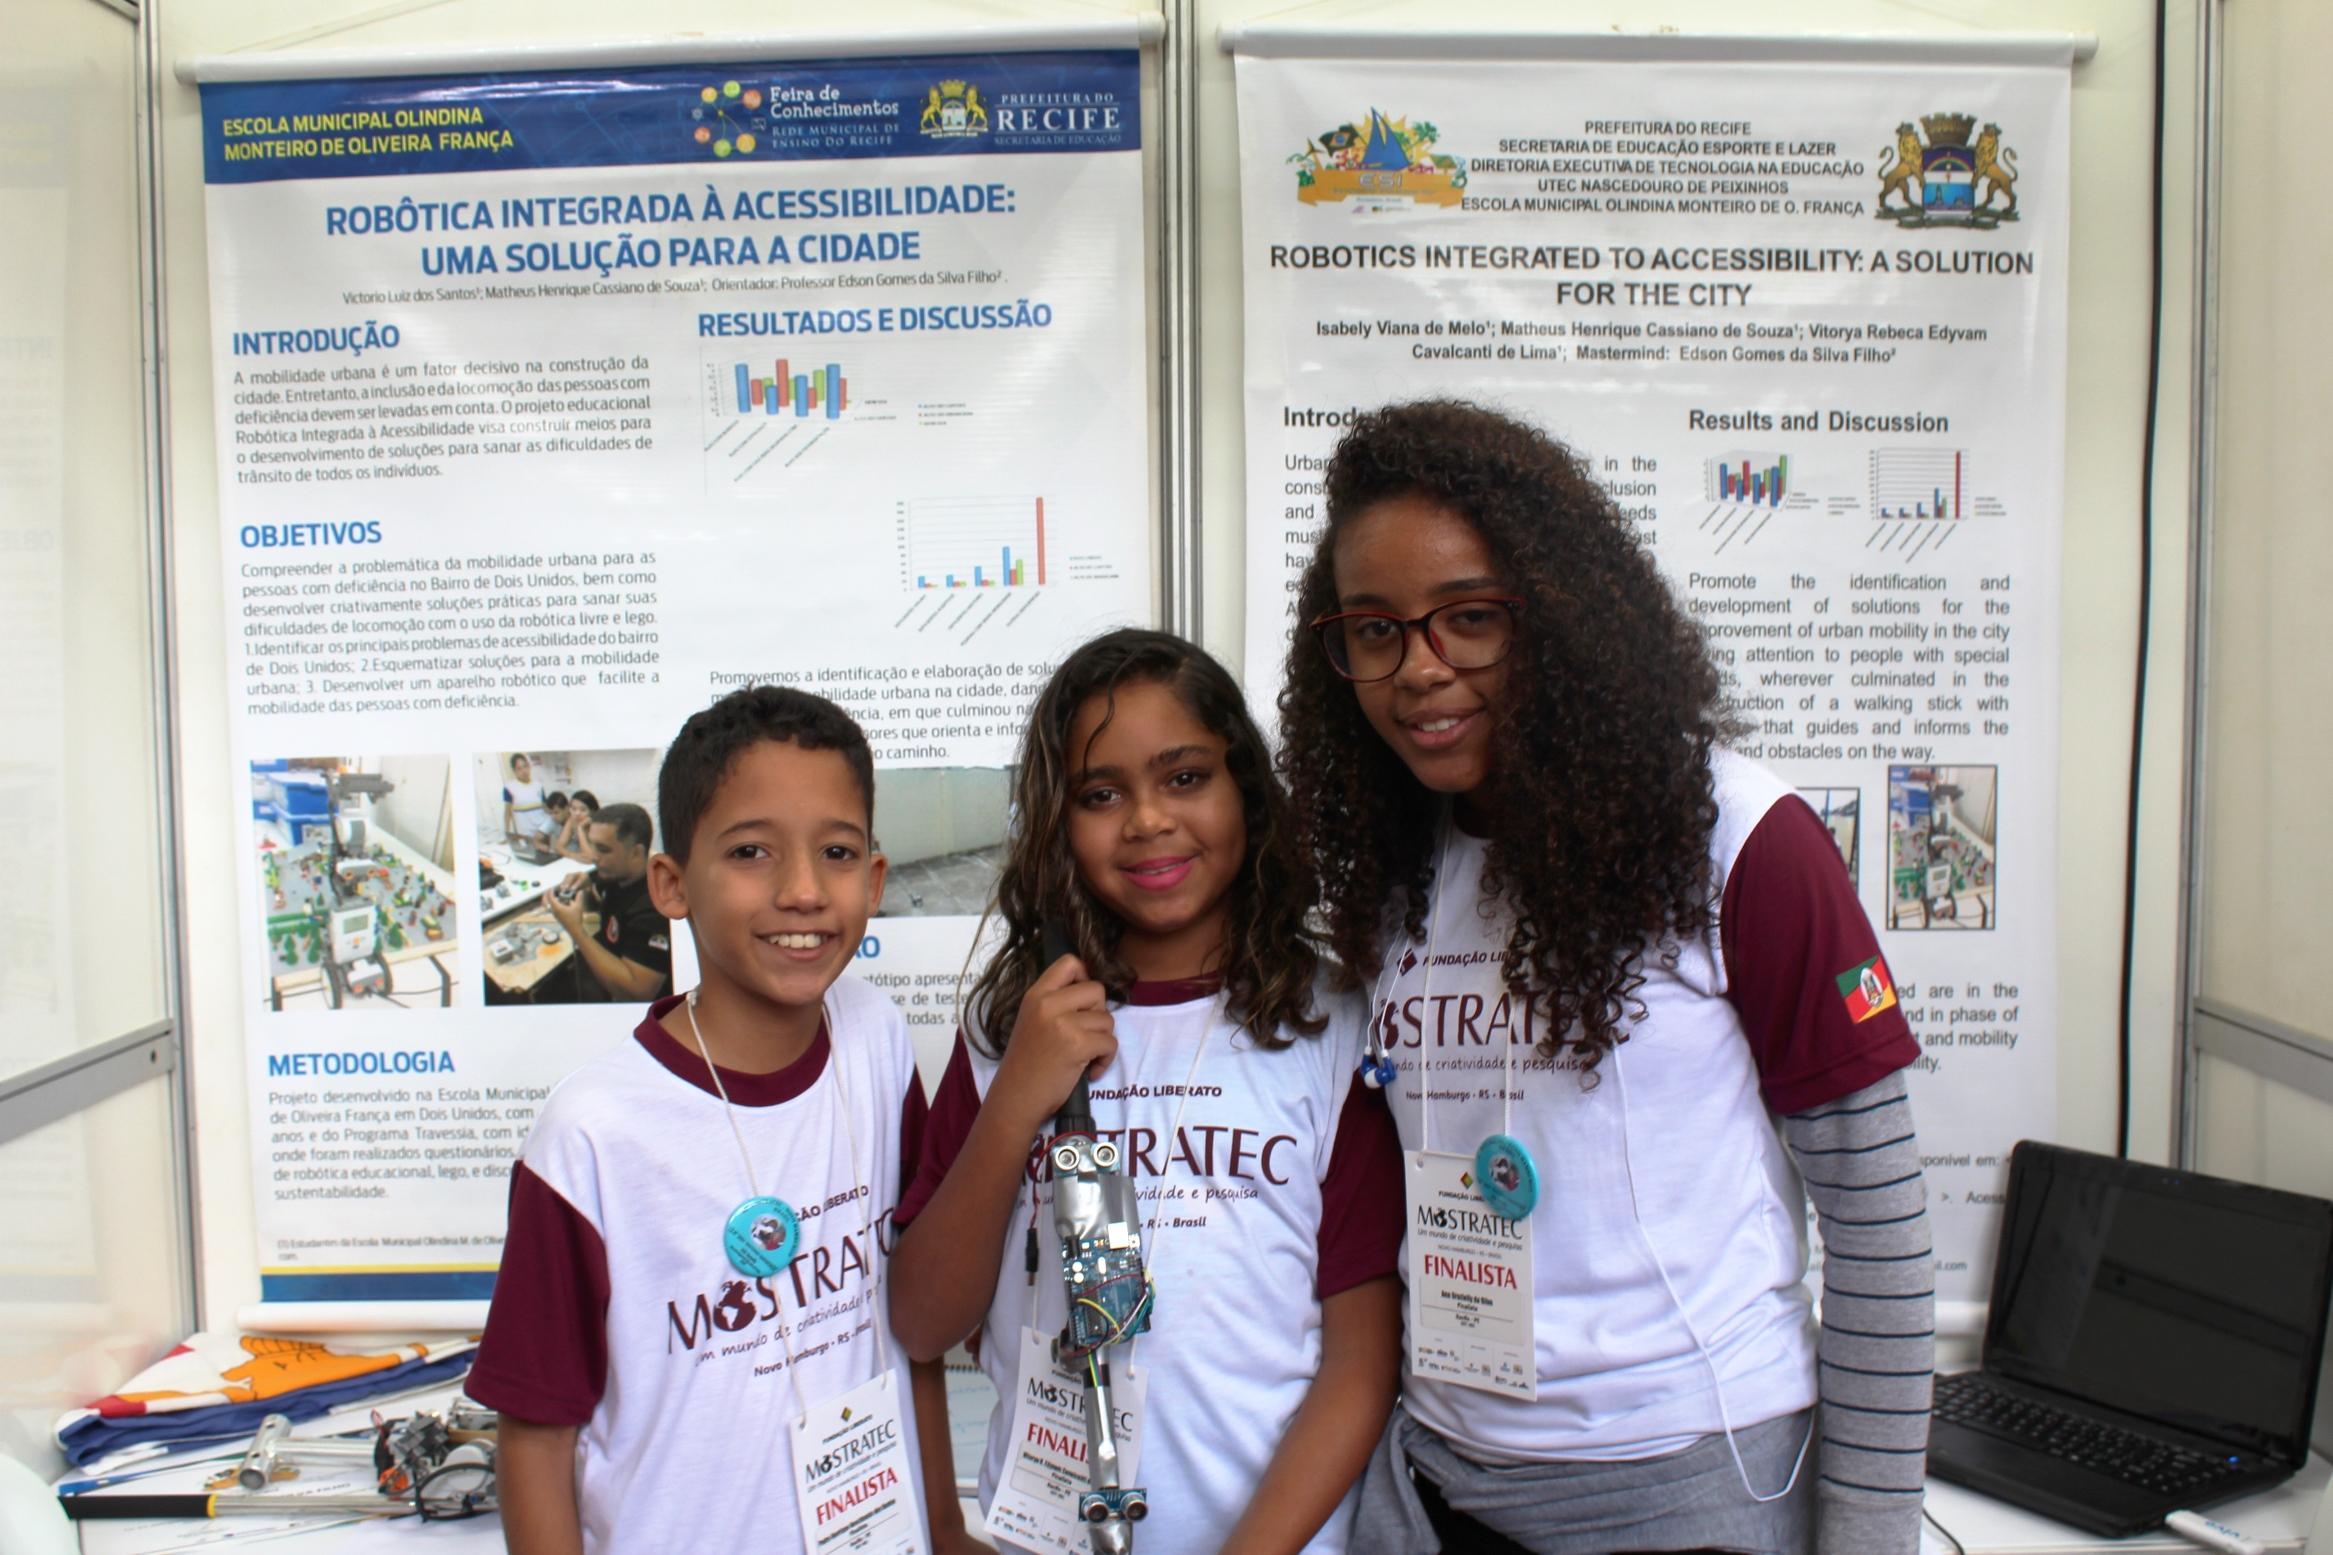 Acessibilidade aliada à cidade é o tema do projeto dos alunos de Recife